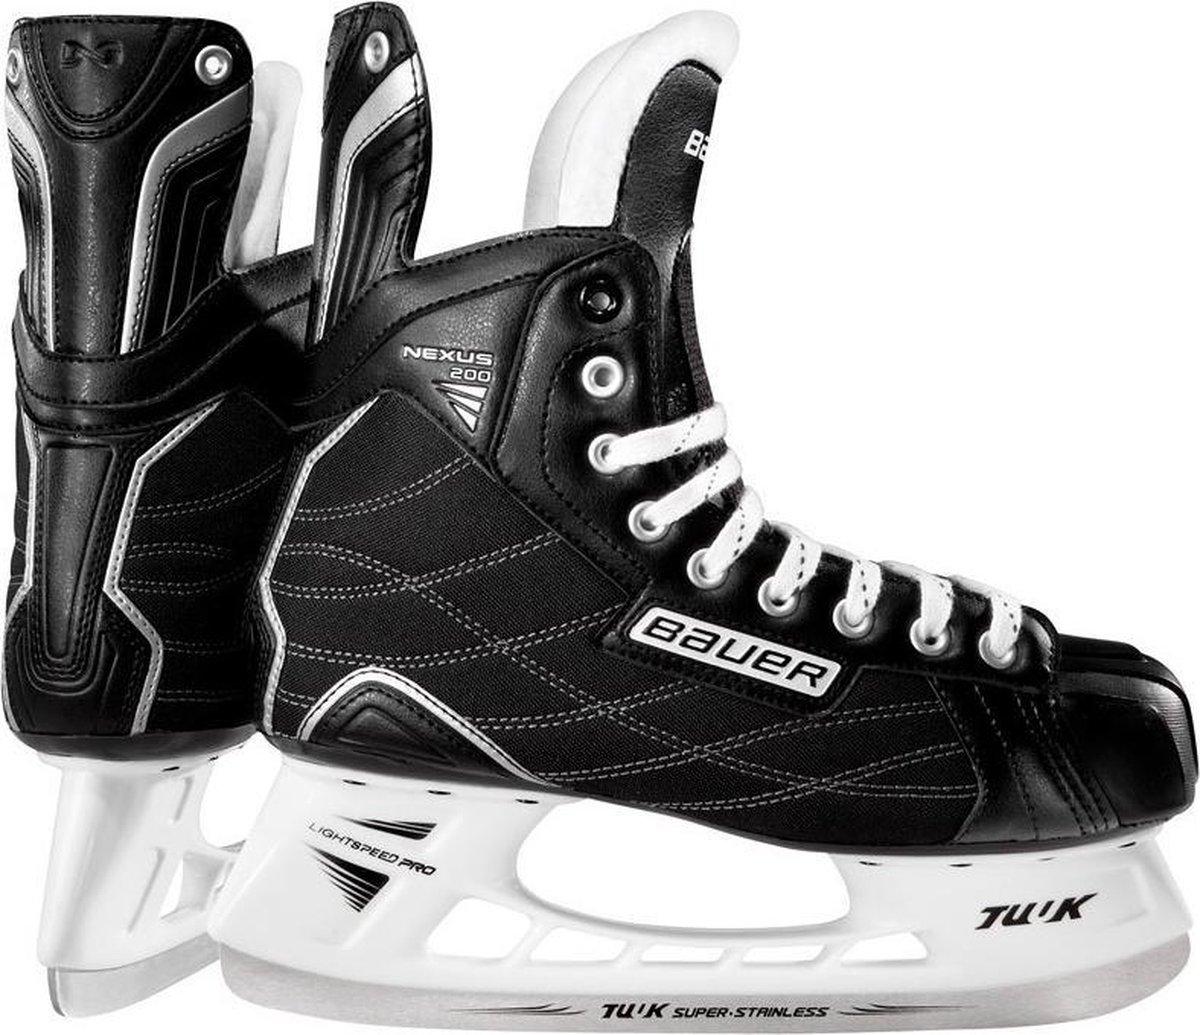 IJshockeyschaats Bauer NEXUS 200 | Maat 47